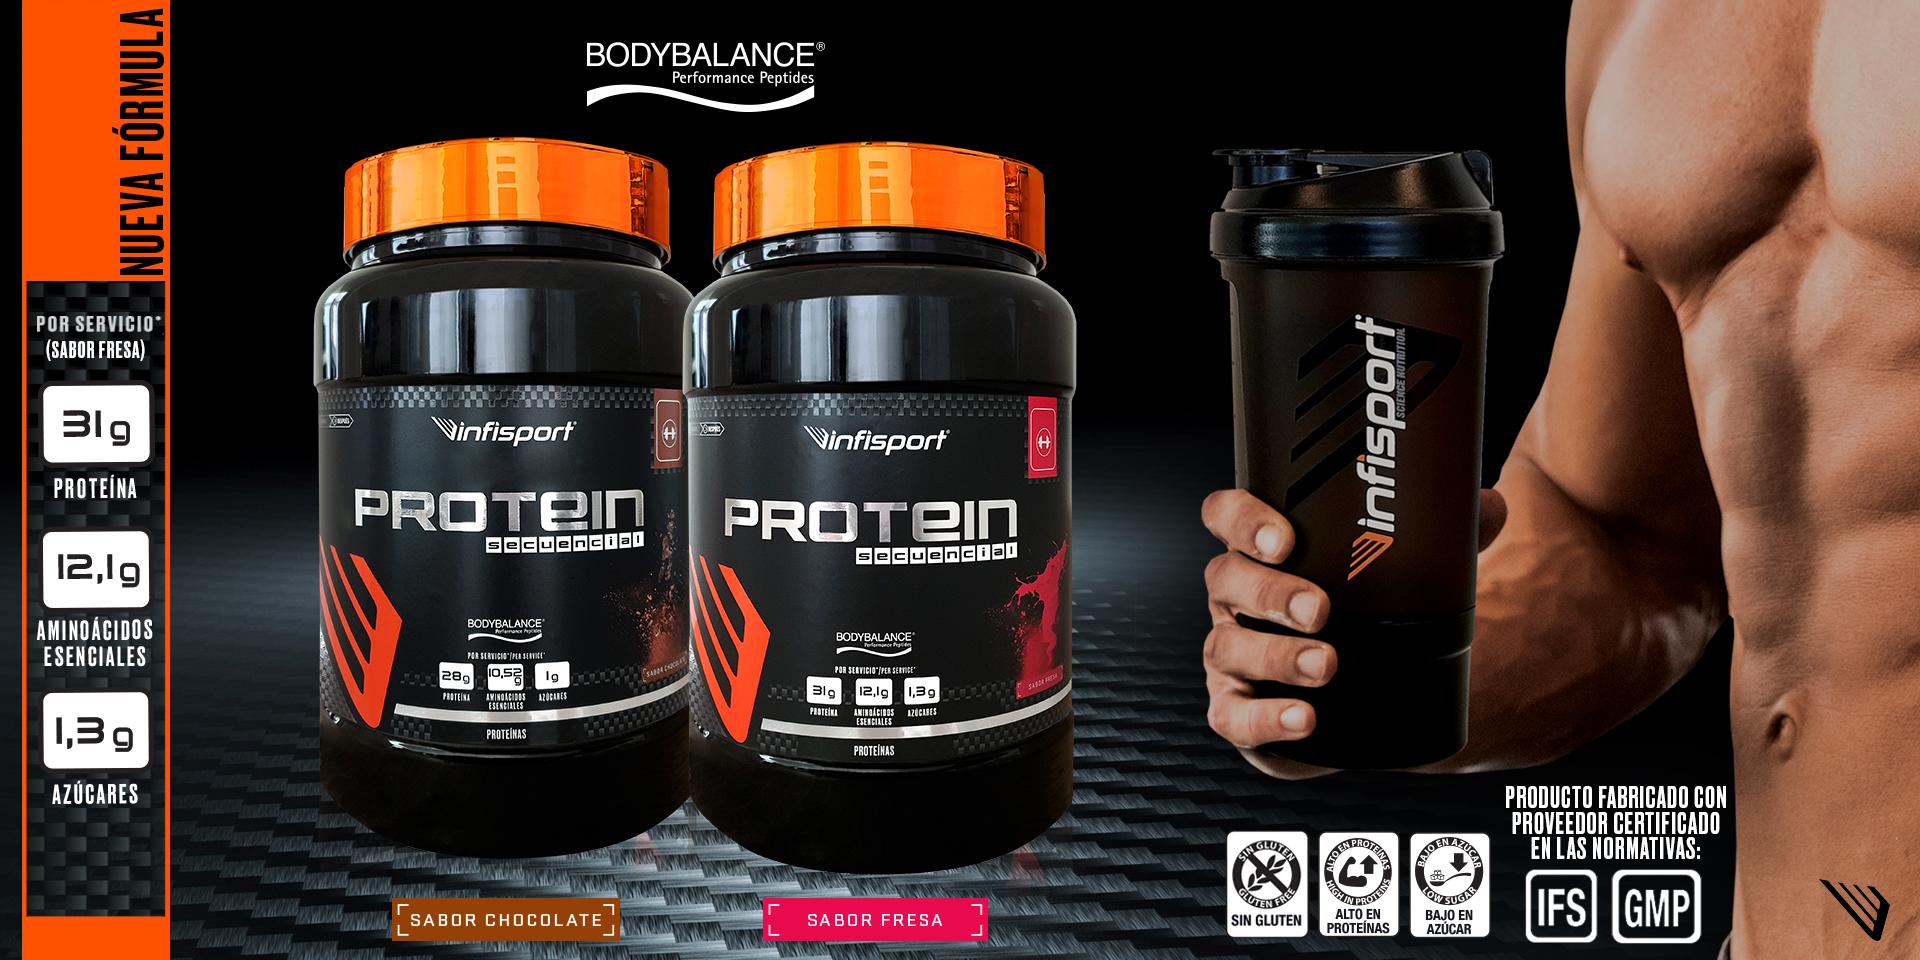 productos-proteinas-y-aminoacidos-protein-secuencial